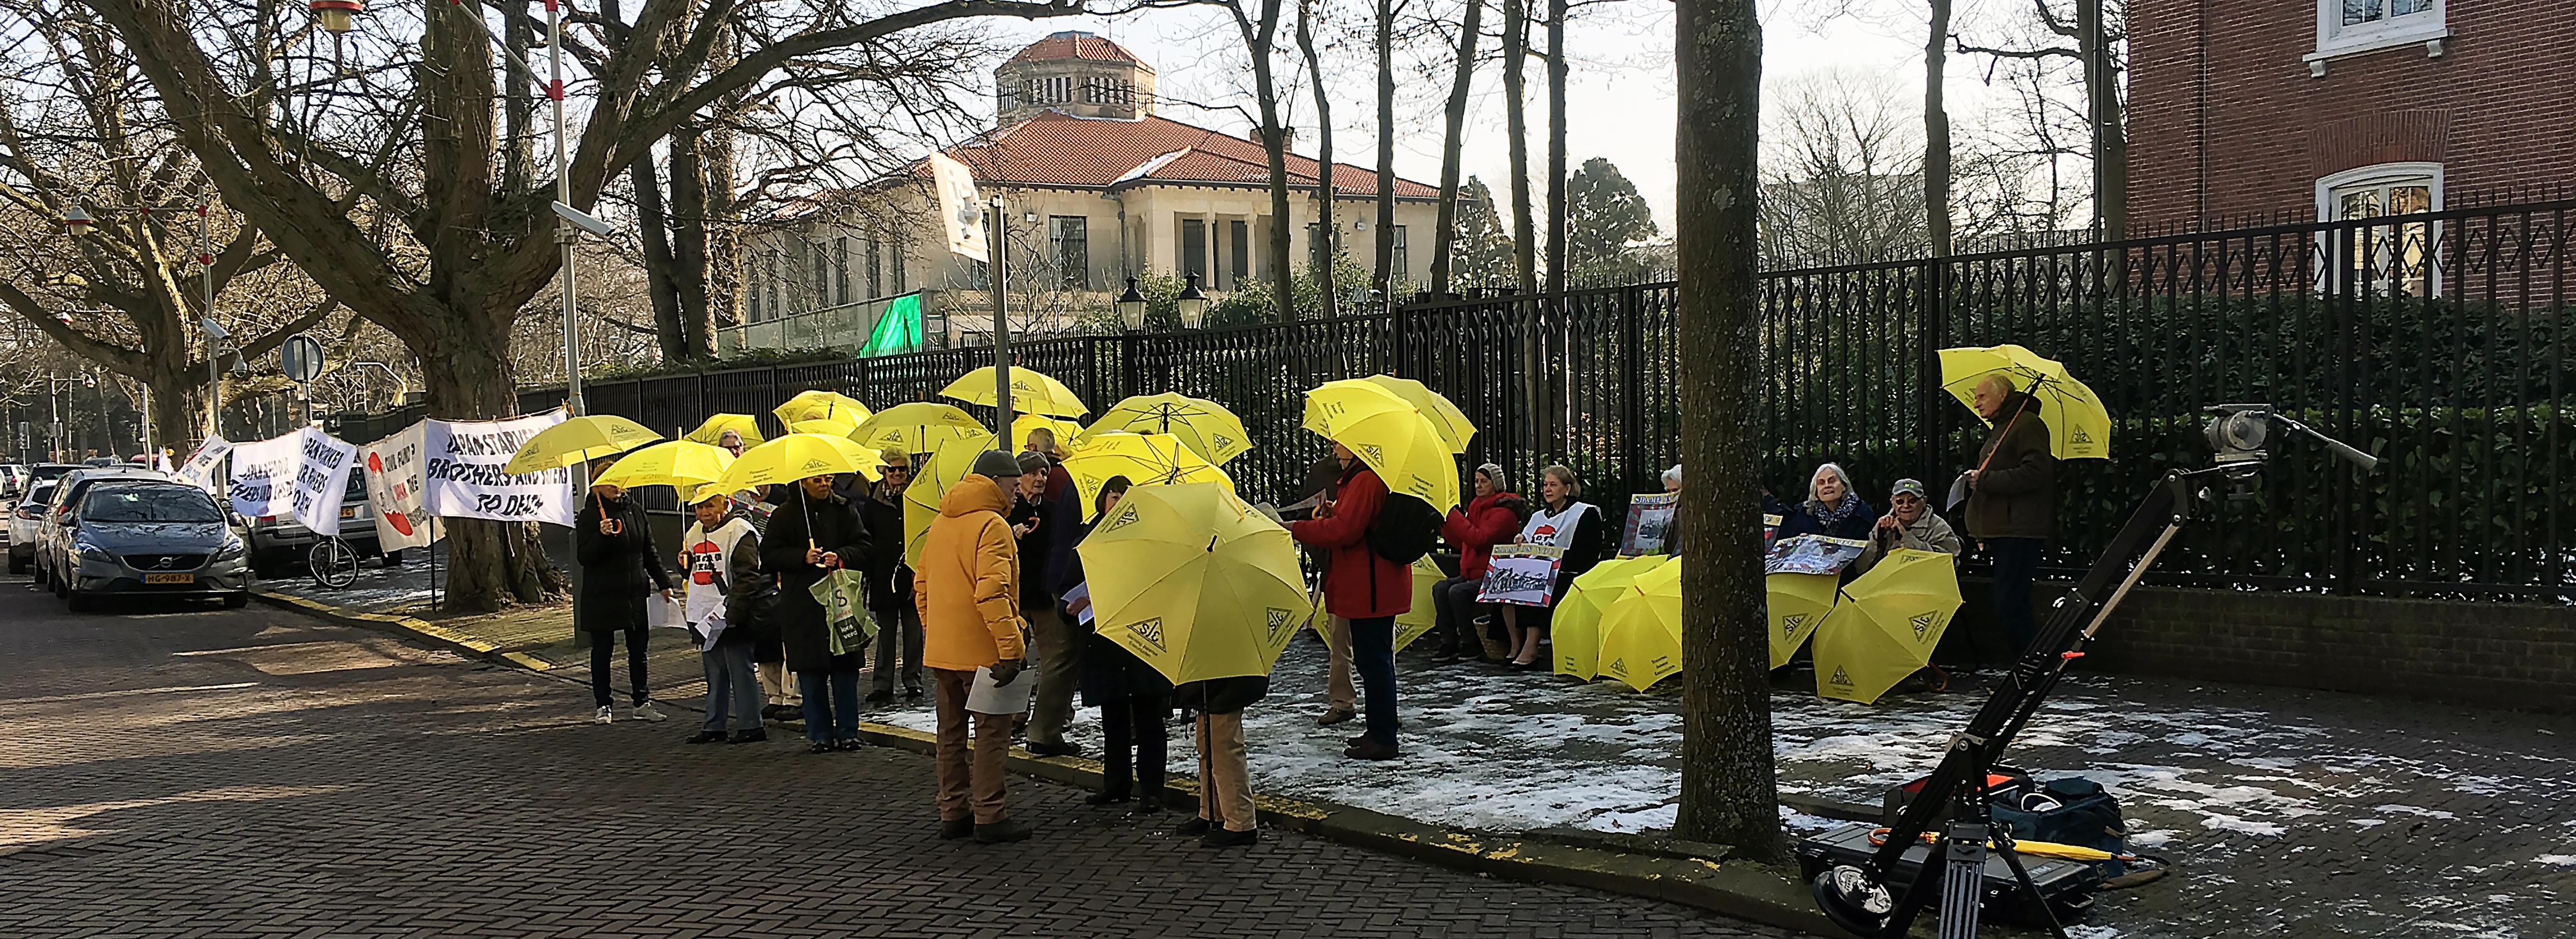 Demonstranten tegenover de Japanse Ambassade in Den Haag. (c) JFr